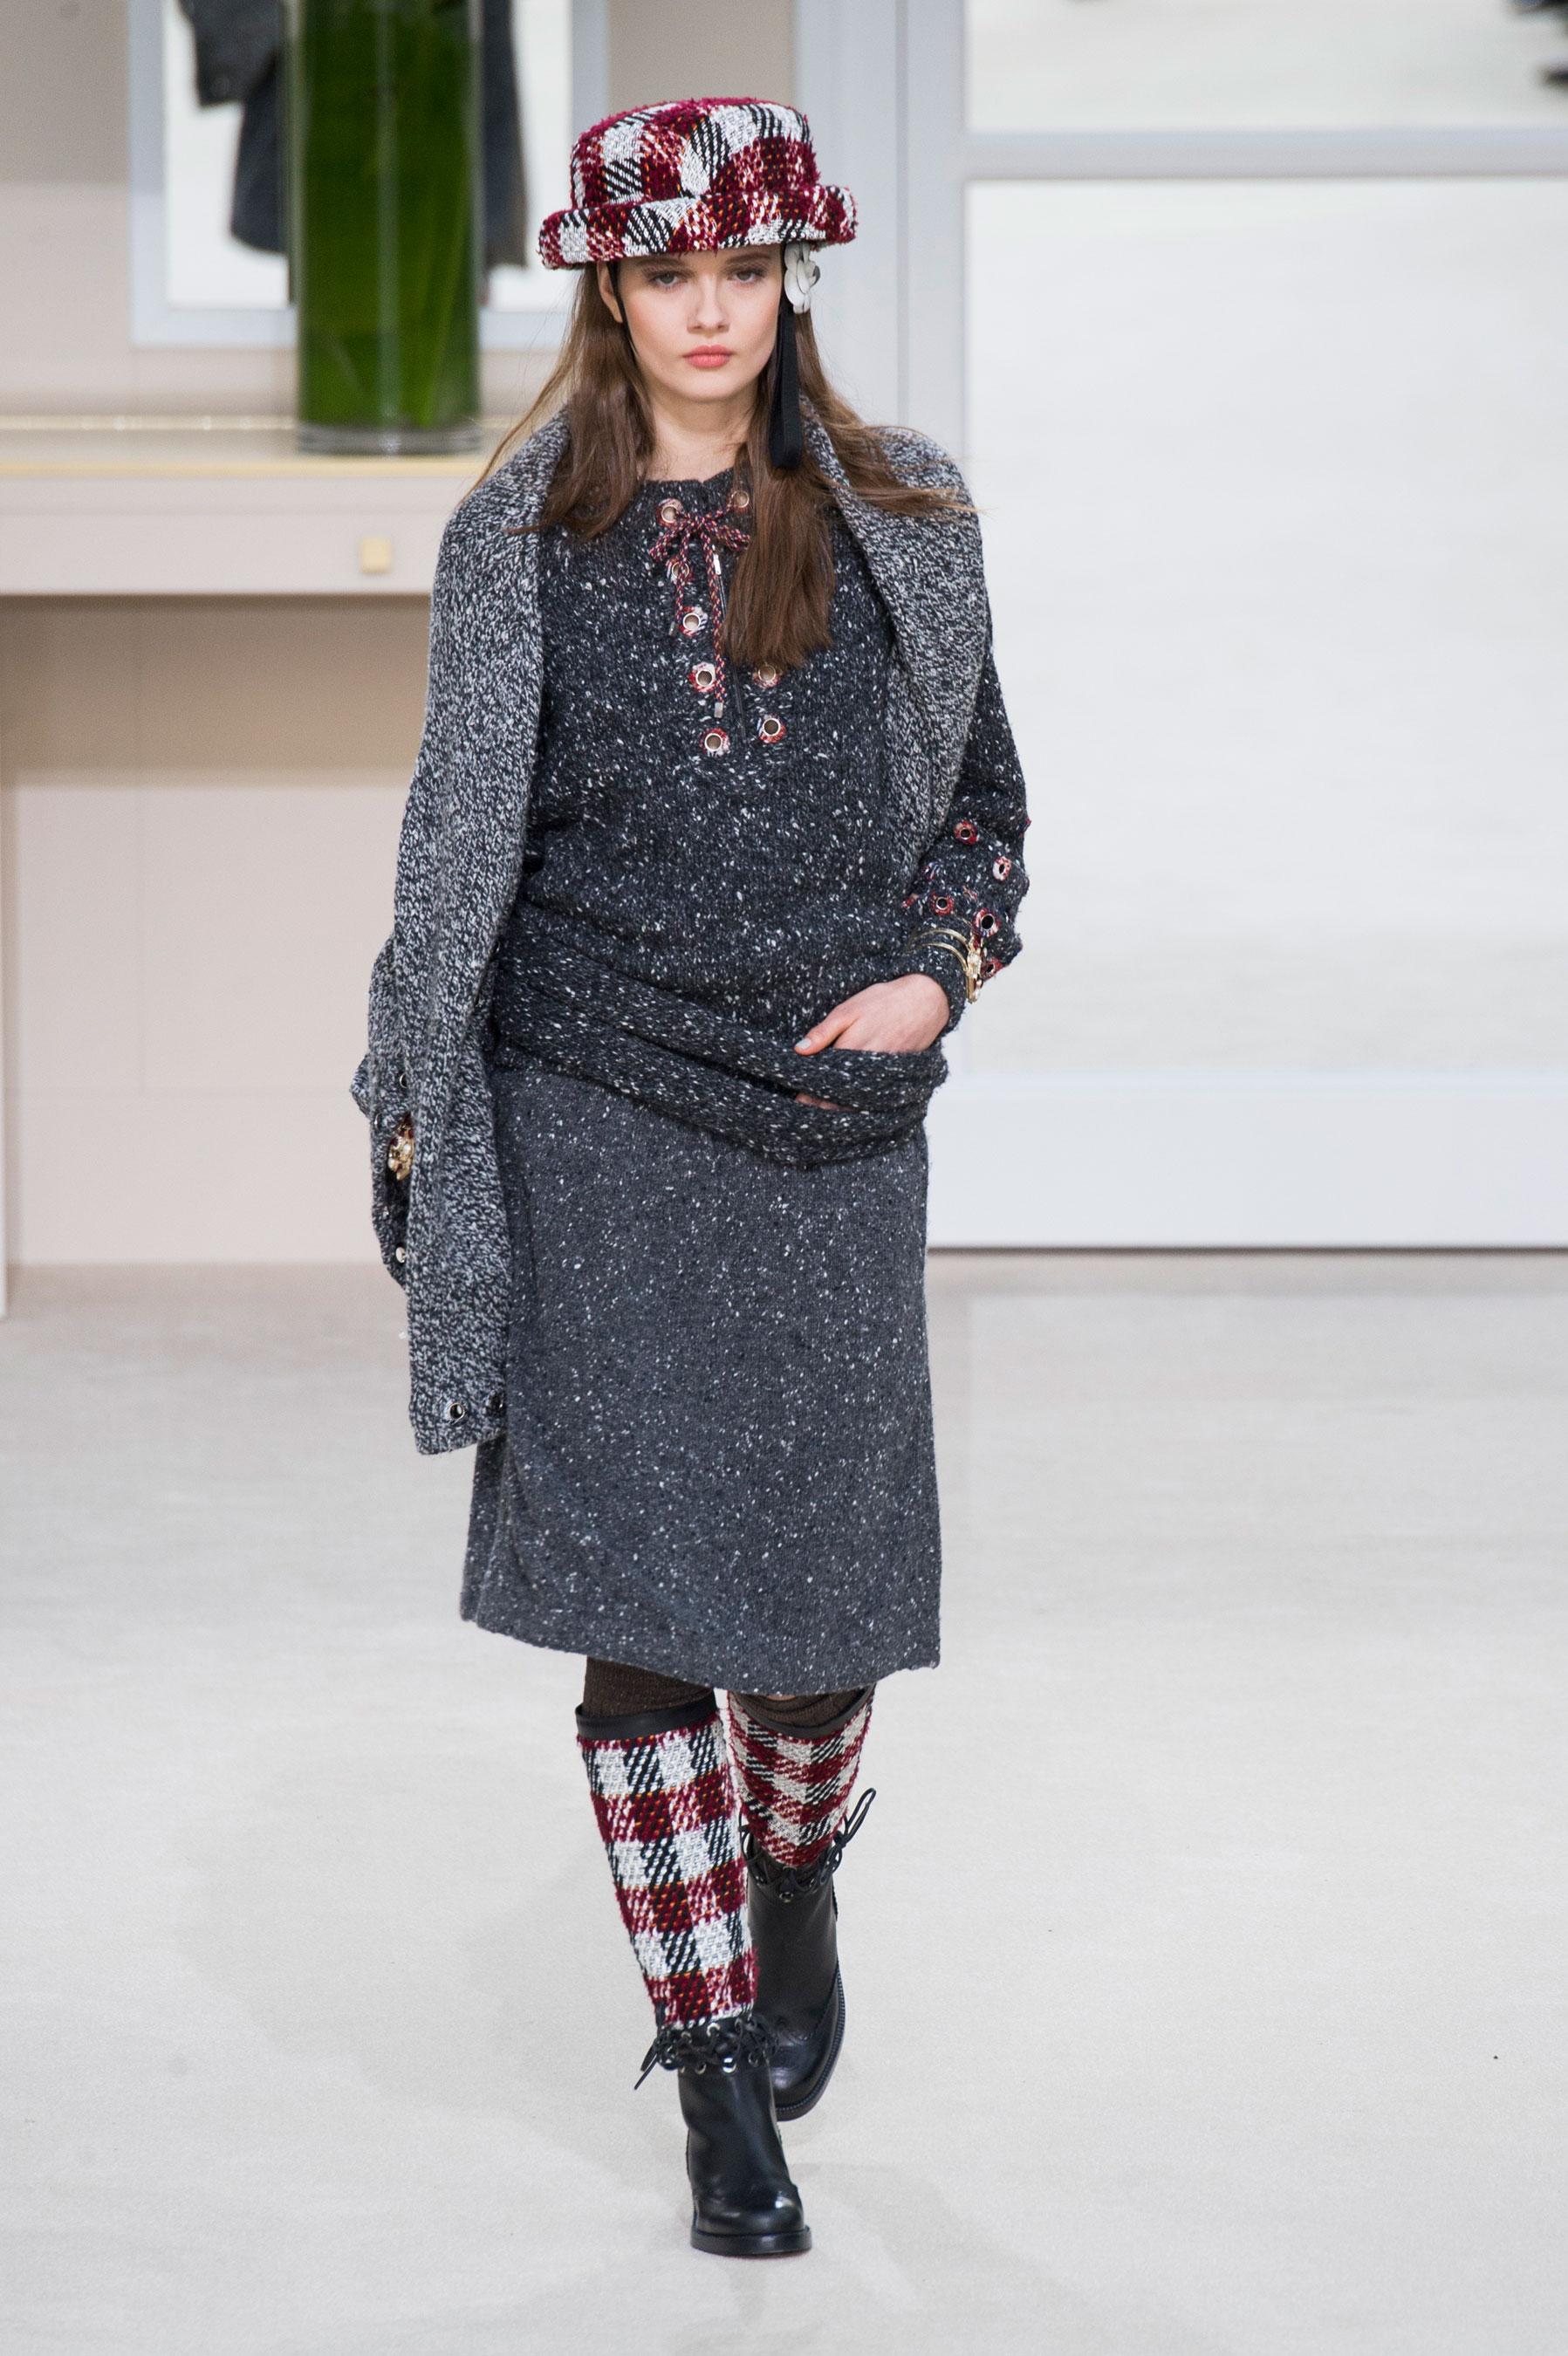 Défilé Chanel automne,hiver 2016,2017, Paris , Look 34.